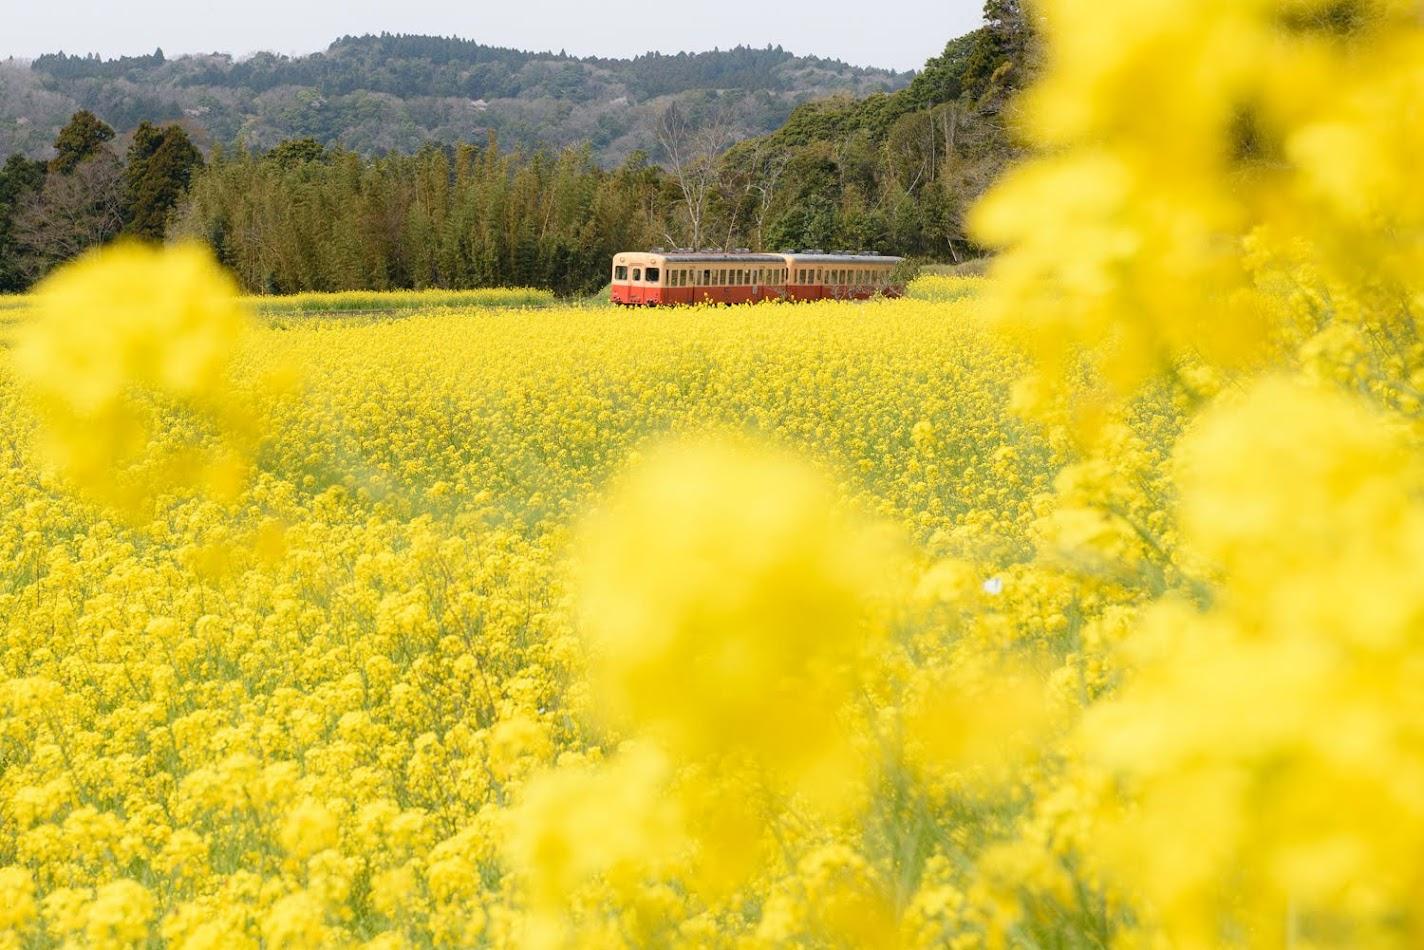 【旅2日目】千葉県を代表する絶景「小湊鐵道と菜の花」を撮りに石神へ